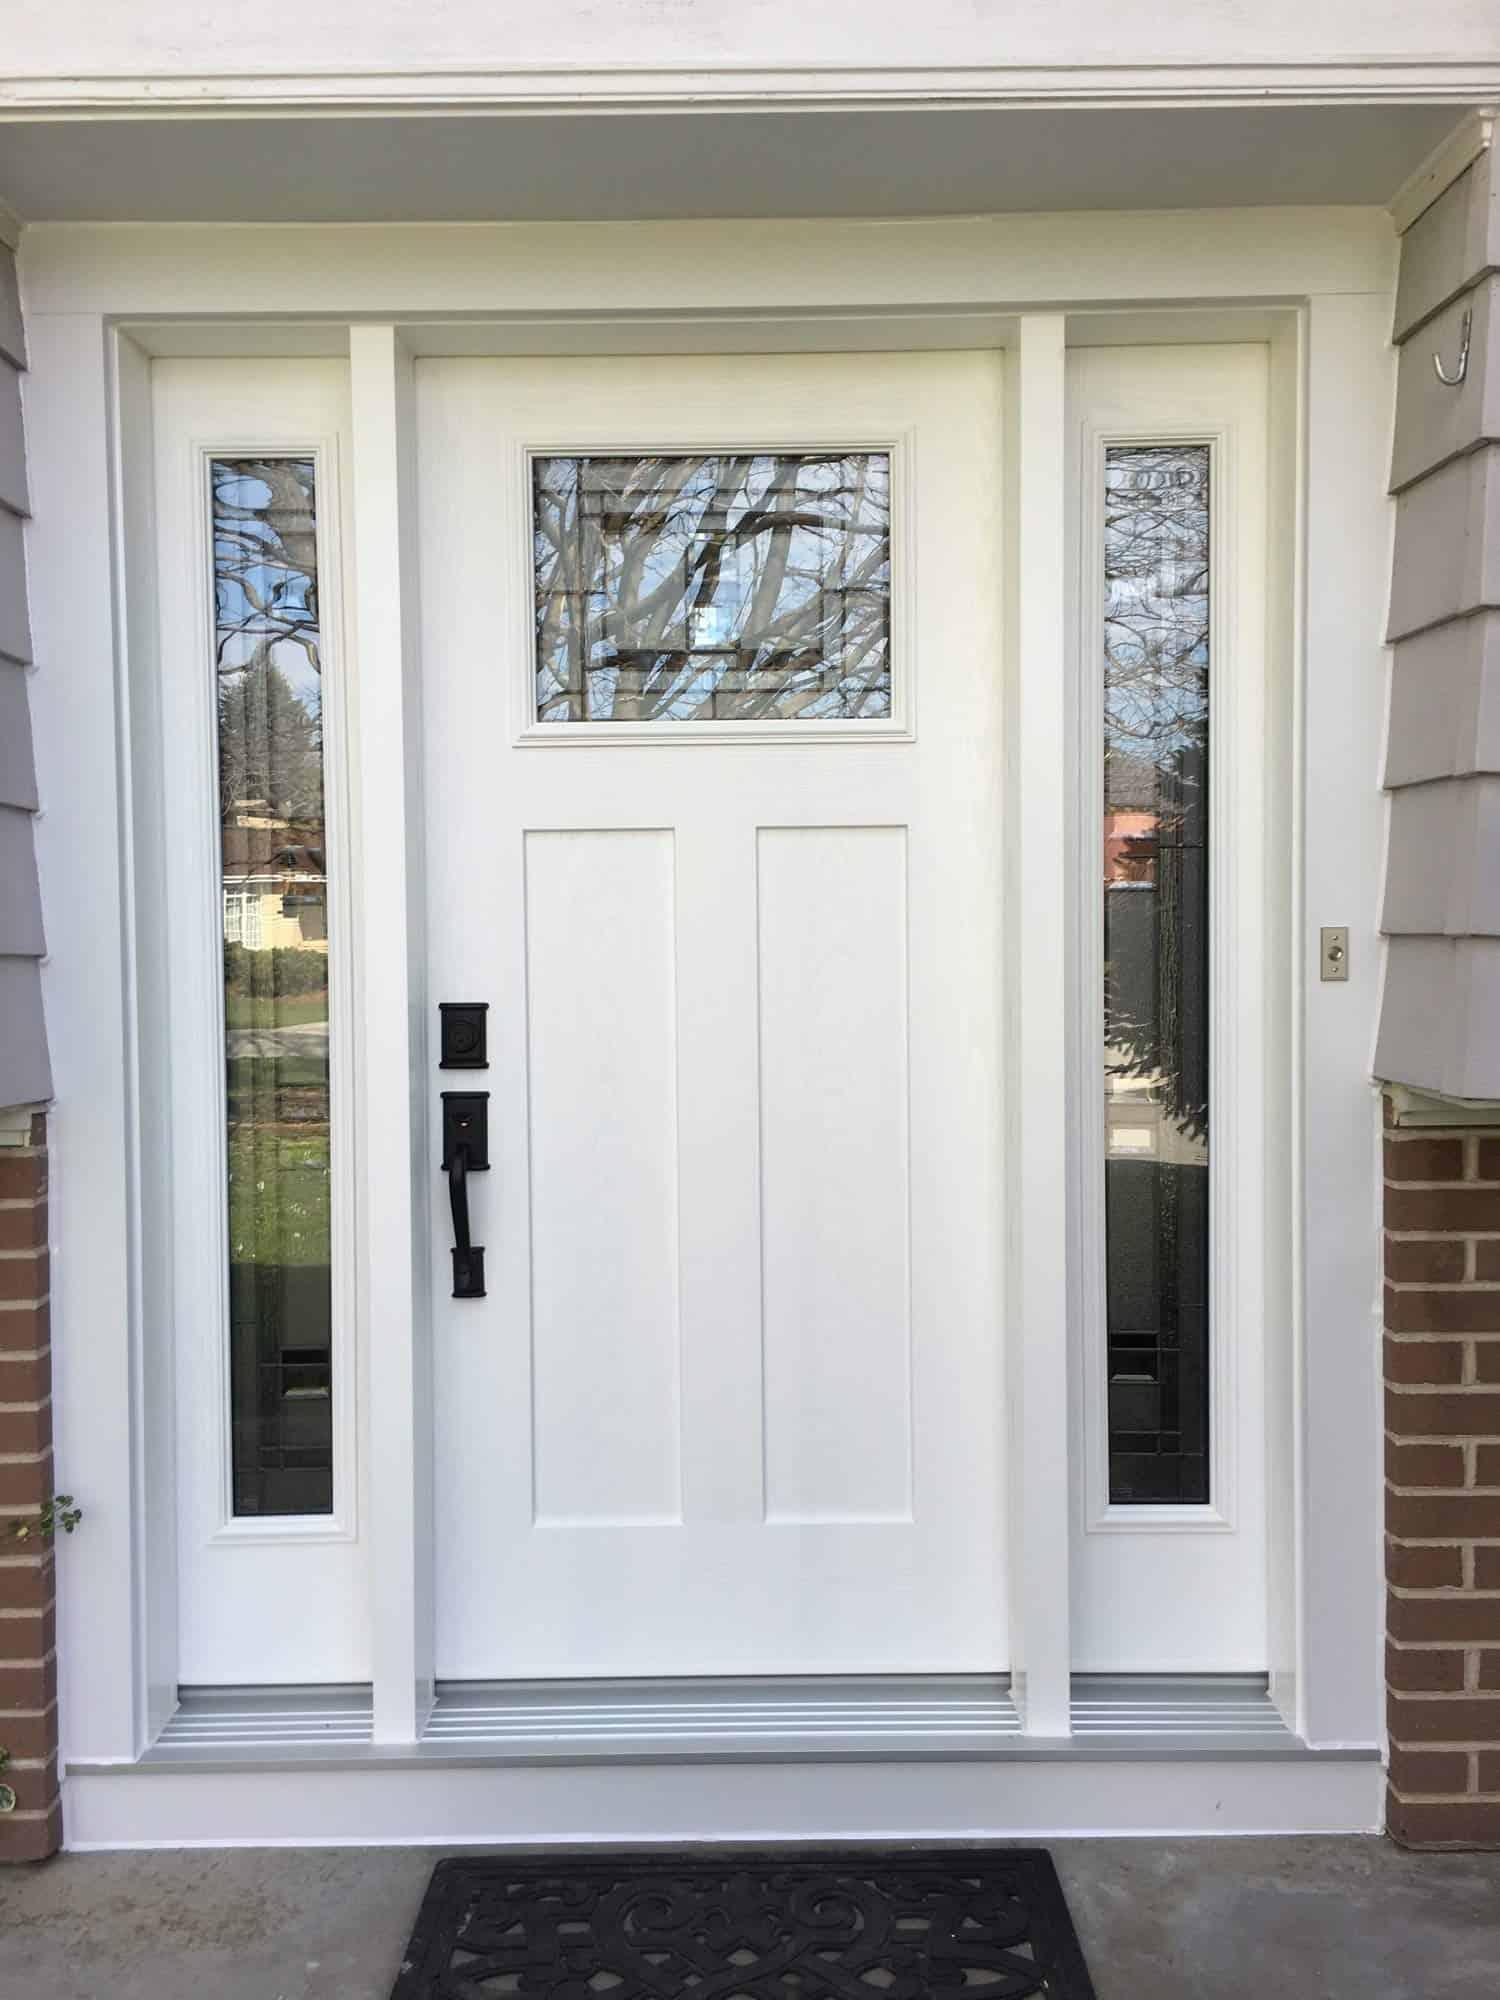 New door with side windows